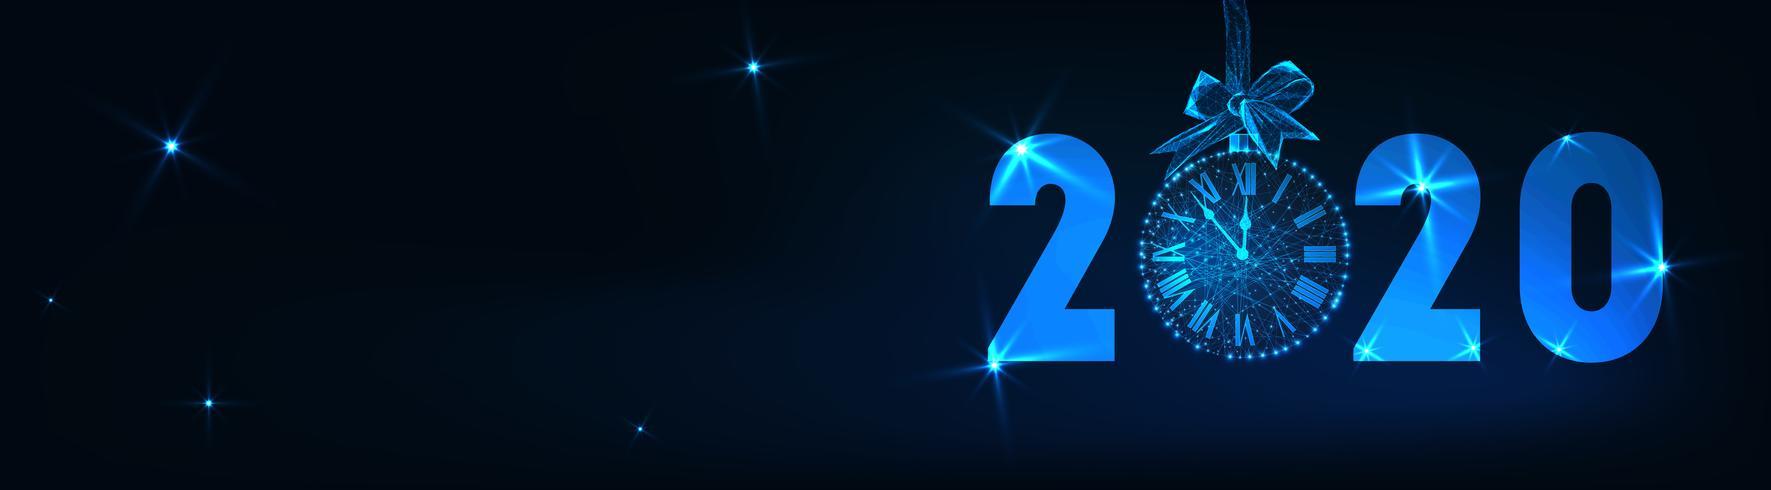 Gott nytt år banner med futuristisk glödande låg poly 2020-text, klockan nedräkning, presentbåge, stjärnor. vektor